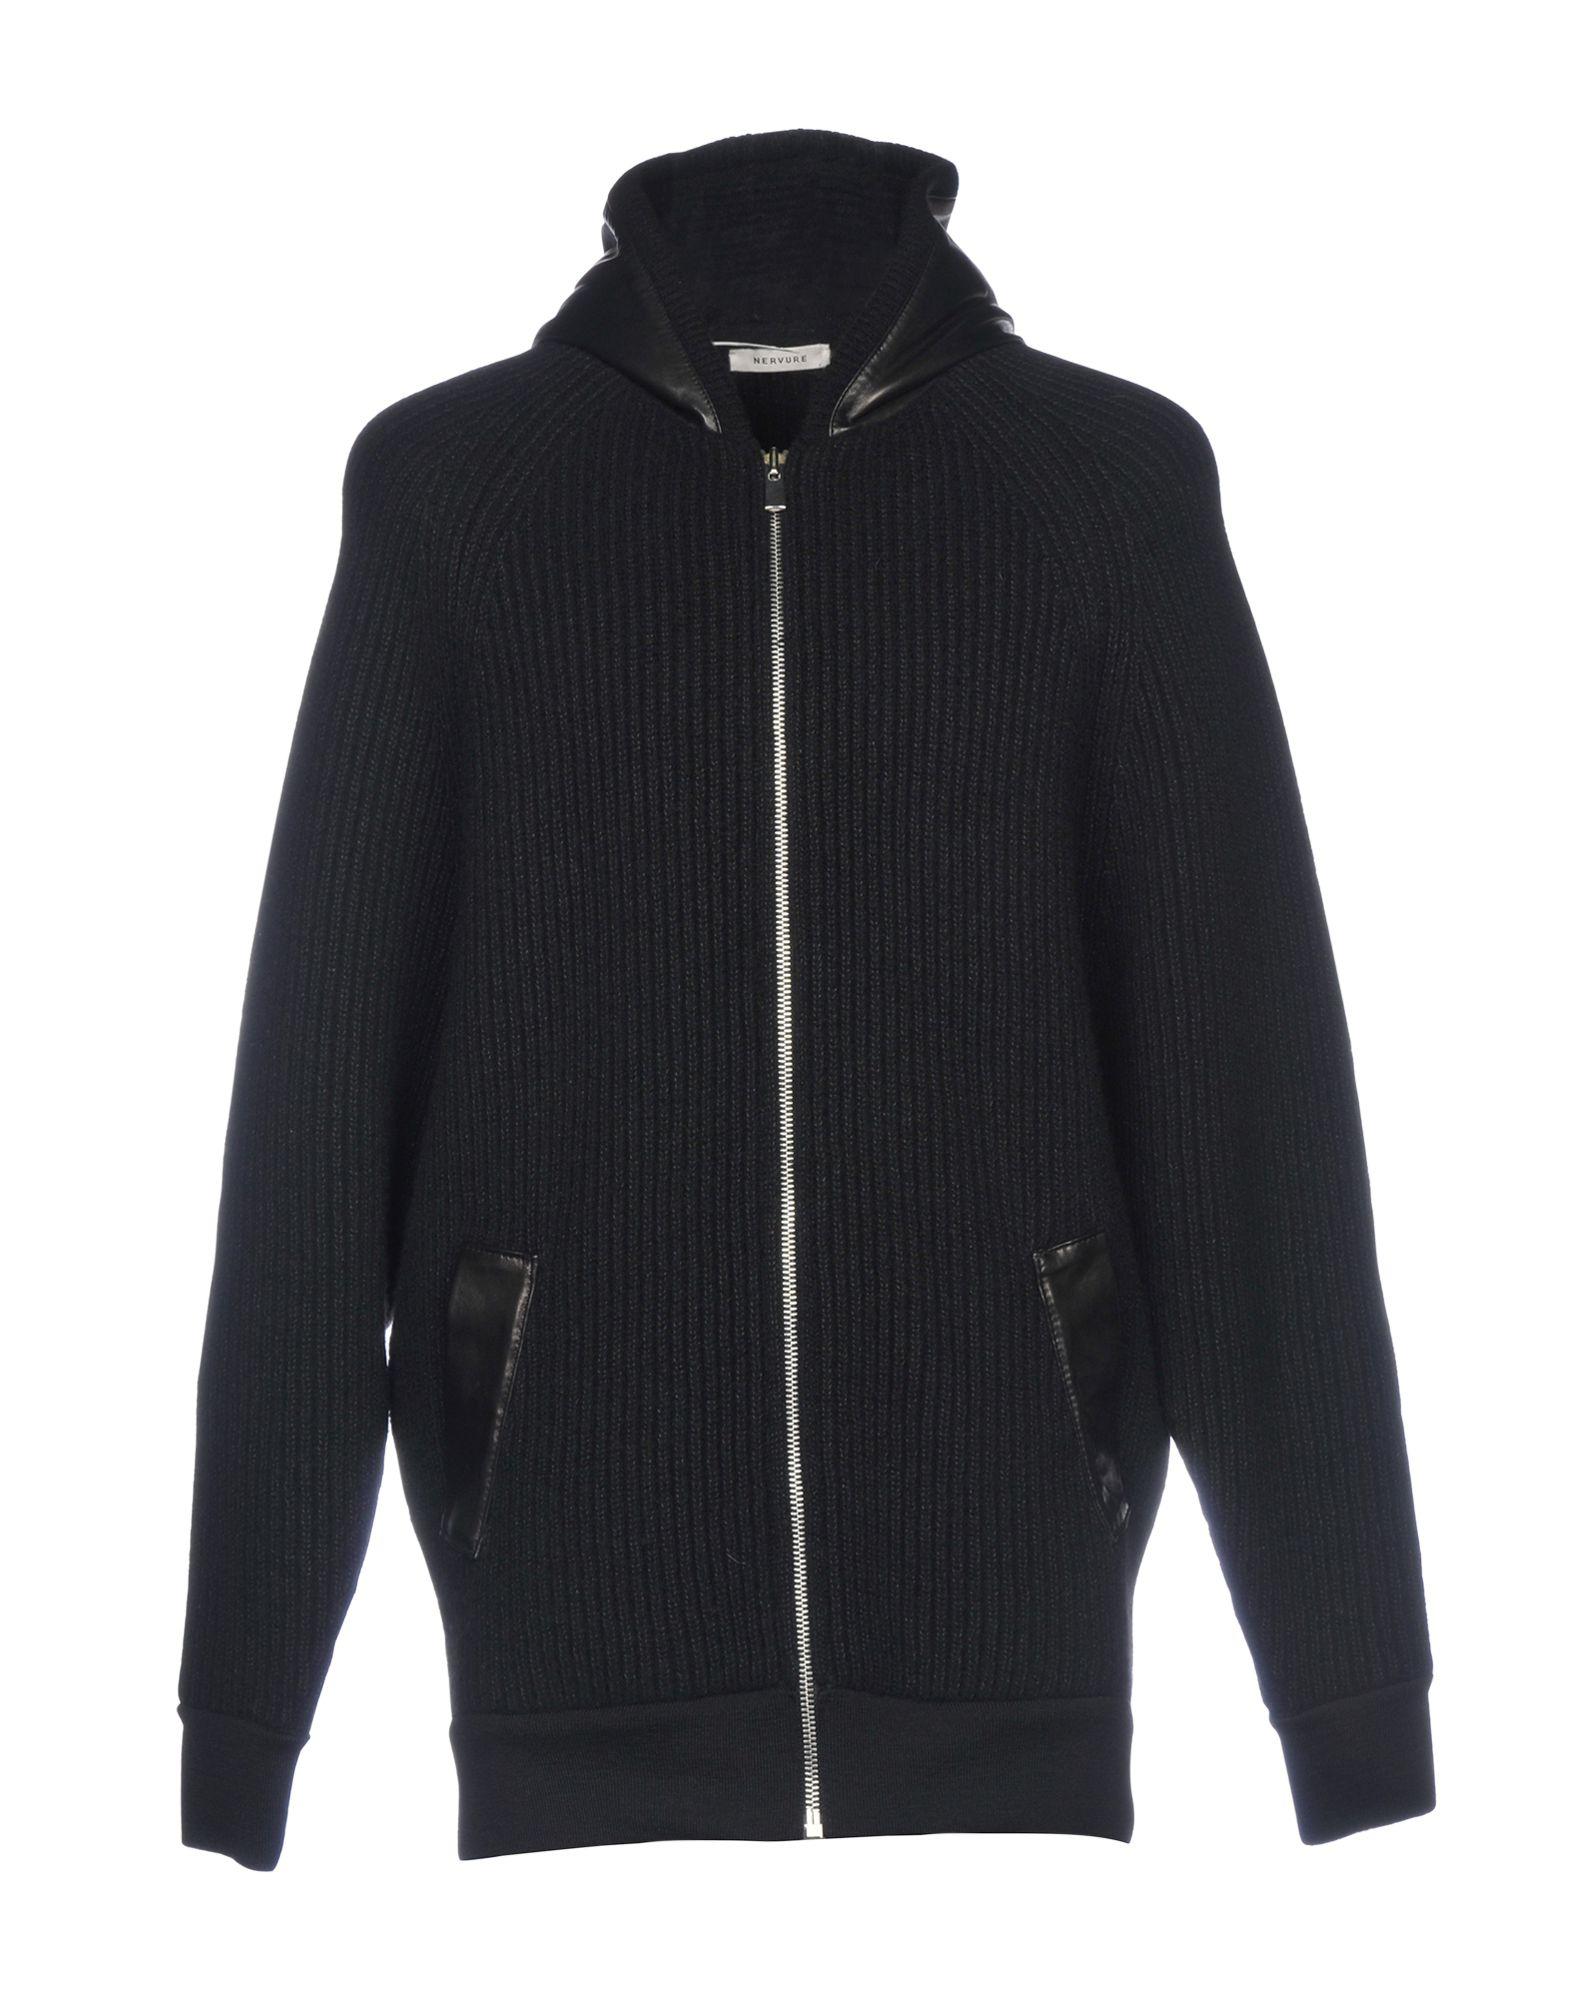 NERVURE Jacket in Black